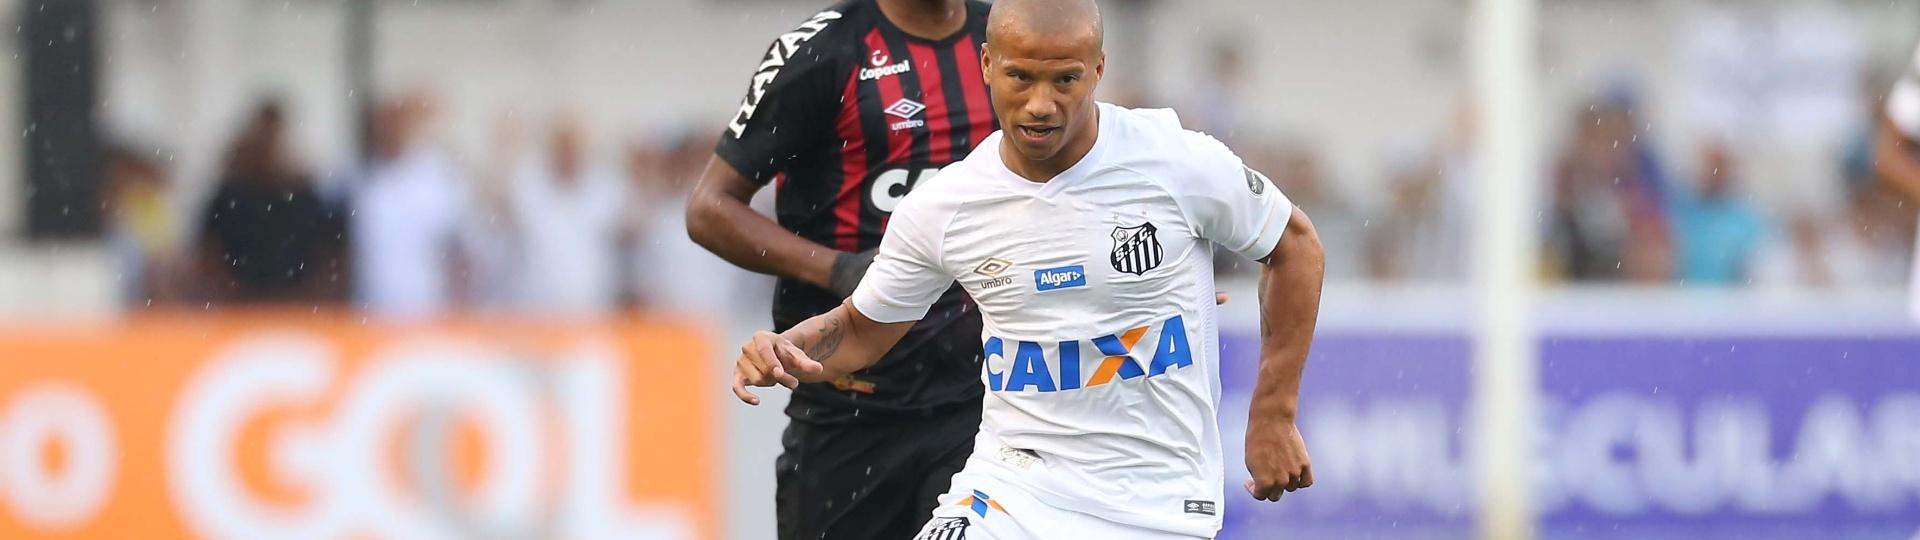 O meia Carlos Sanchéz em lance do jogo entre Santos e Atlético-PR